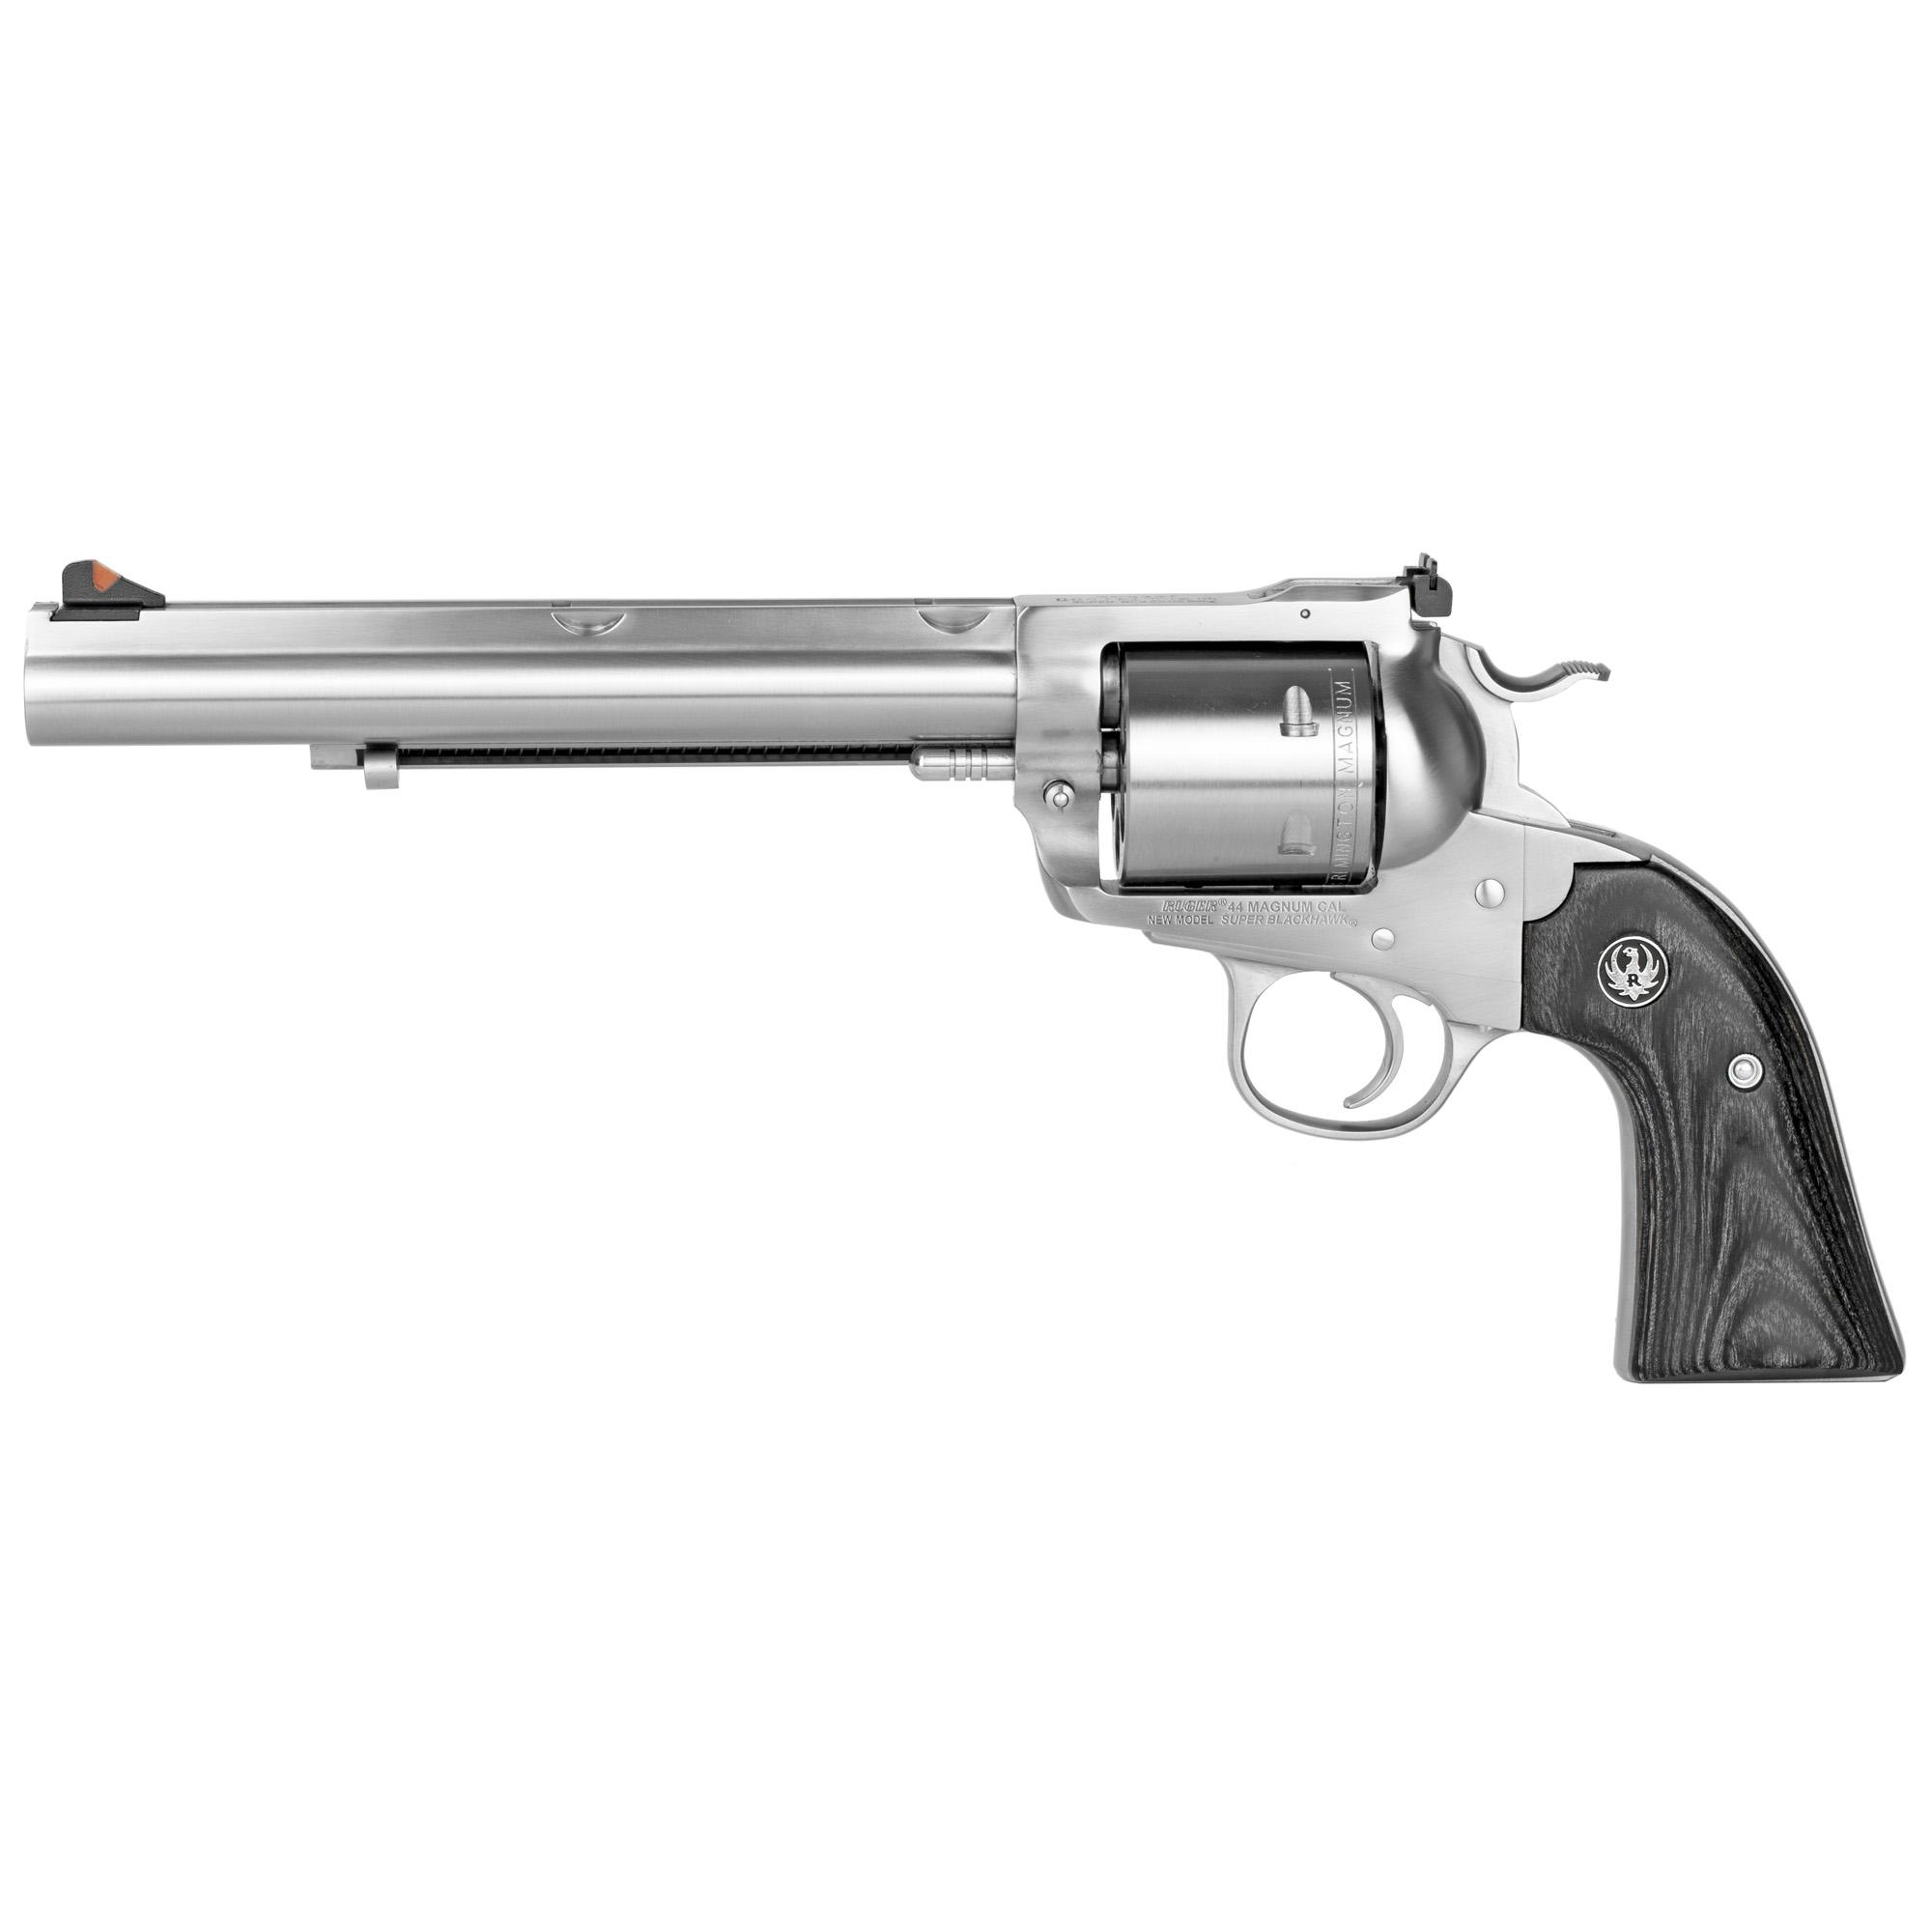 Ruger Super Blackhawk Bisley Single Action 7.5″ 44 Magnum 6Rd Adjustable Rear Sight & Ramp Front Sight – Satin